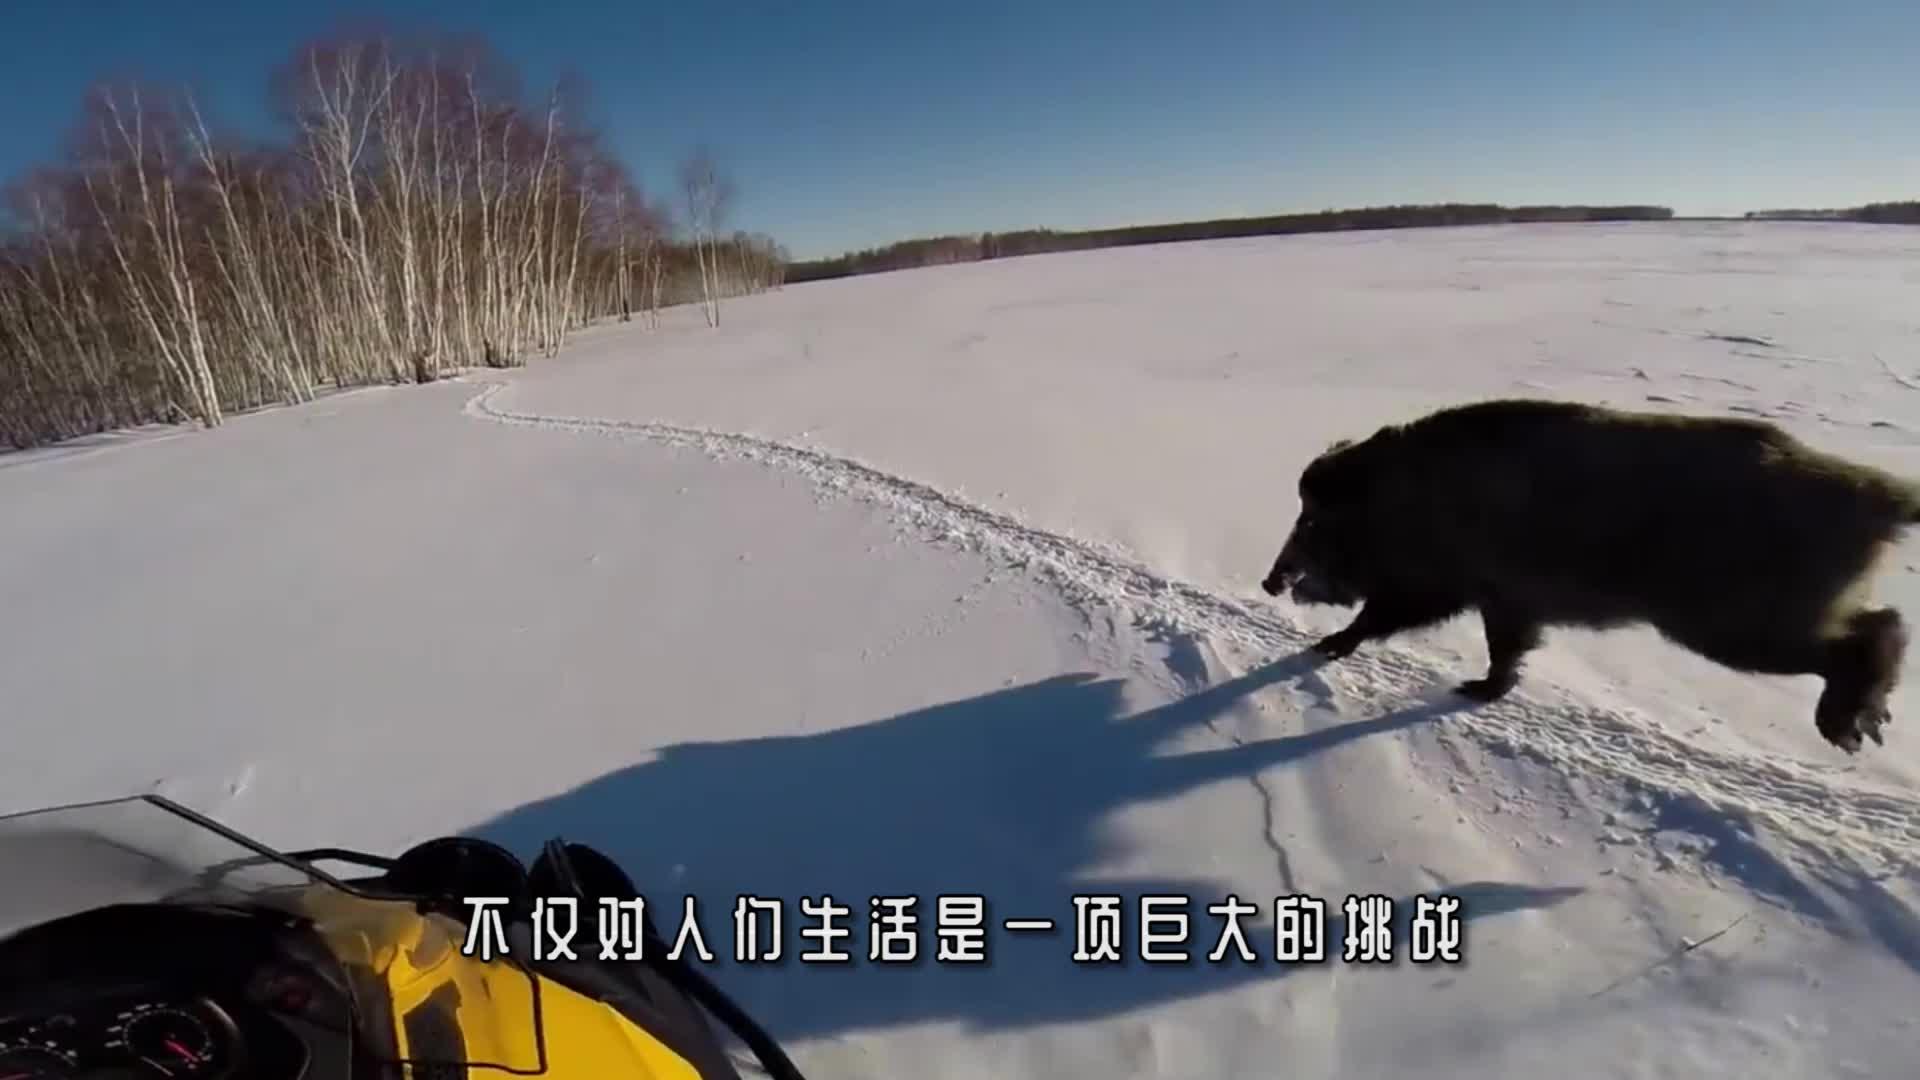 一群野马掉进结冰的湖中,坚持了40多分钟,好在被人及时发现!